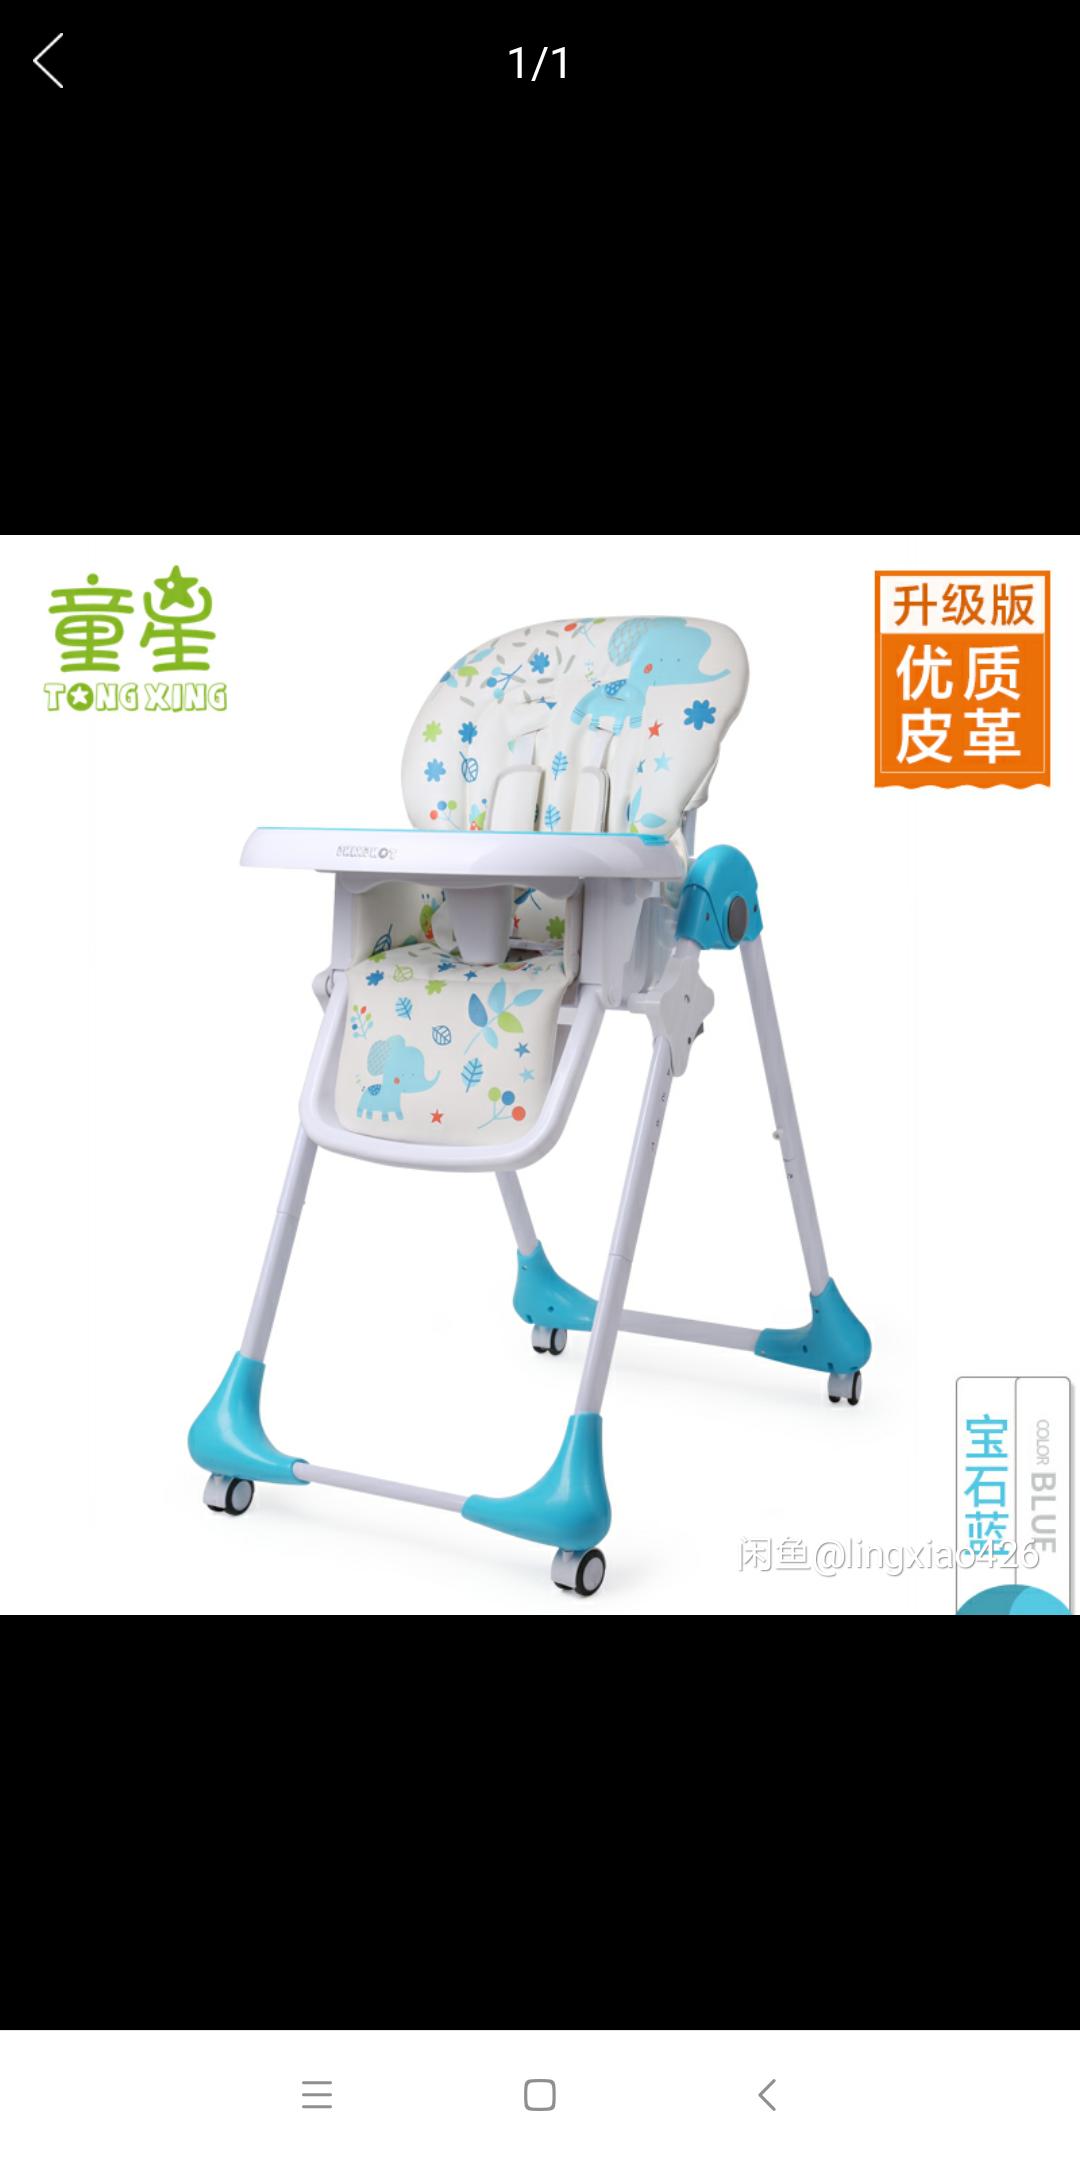 儿童折叠餐车 宝宝餐桌椅